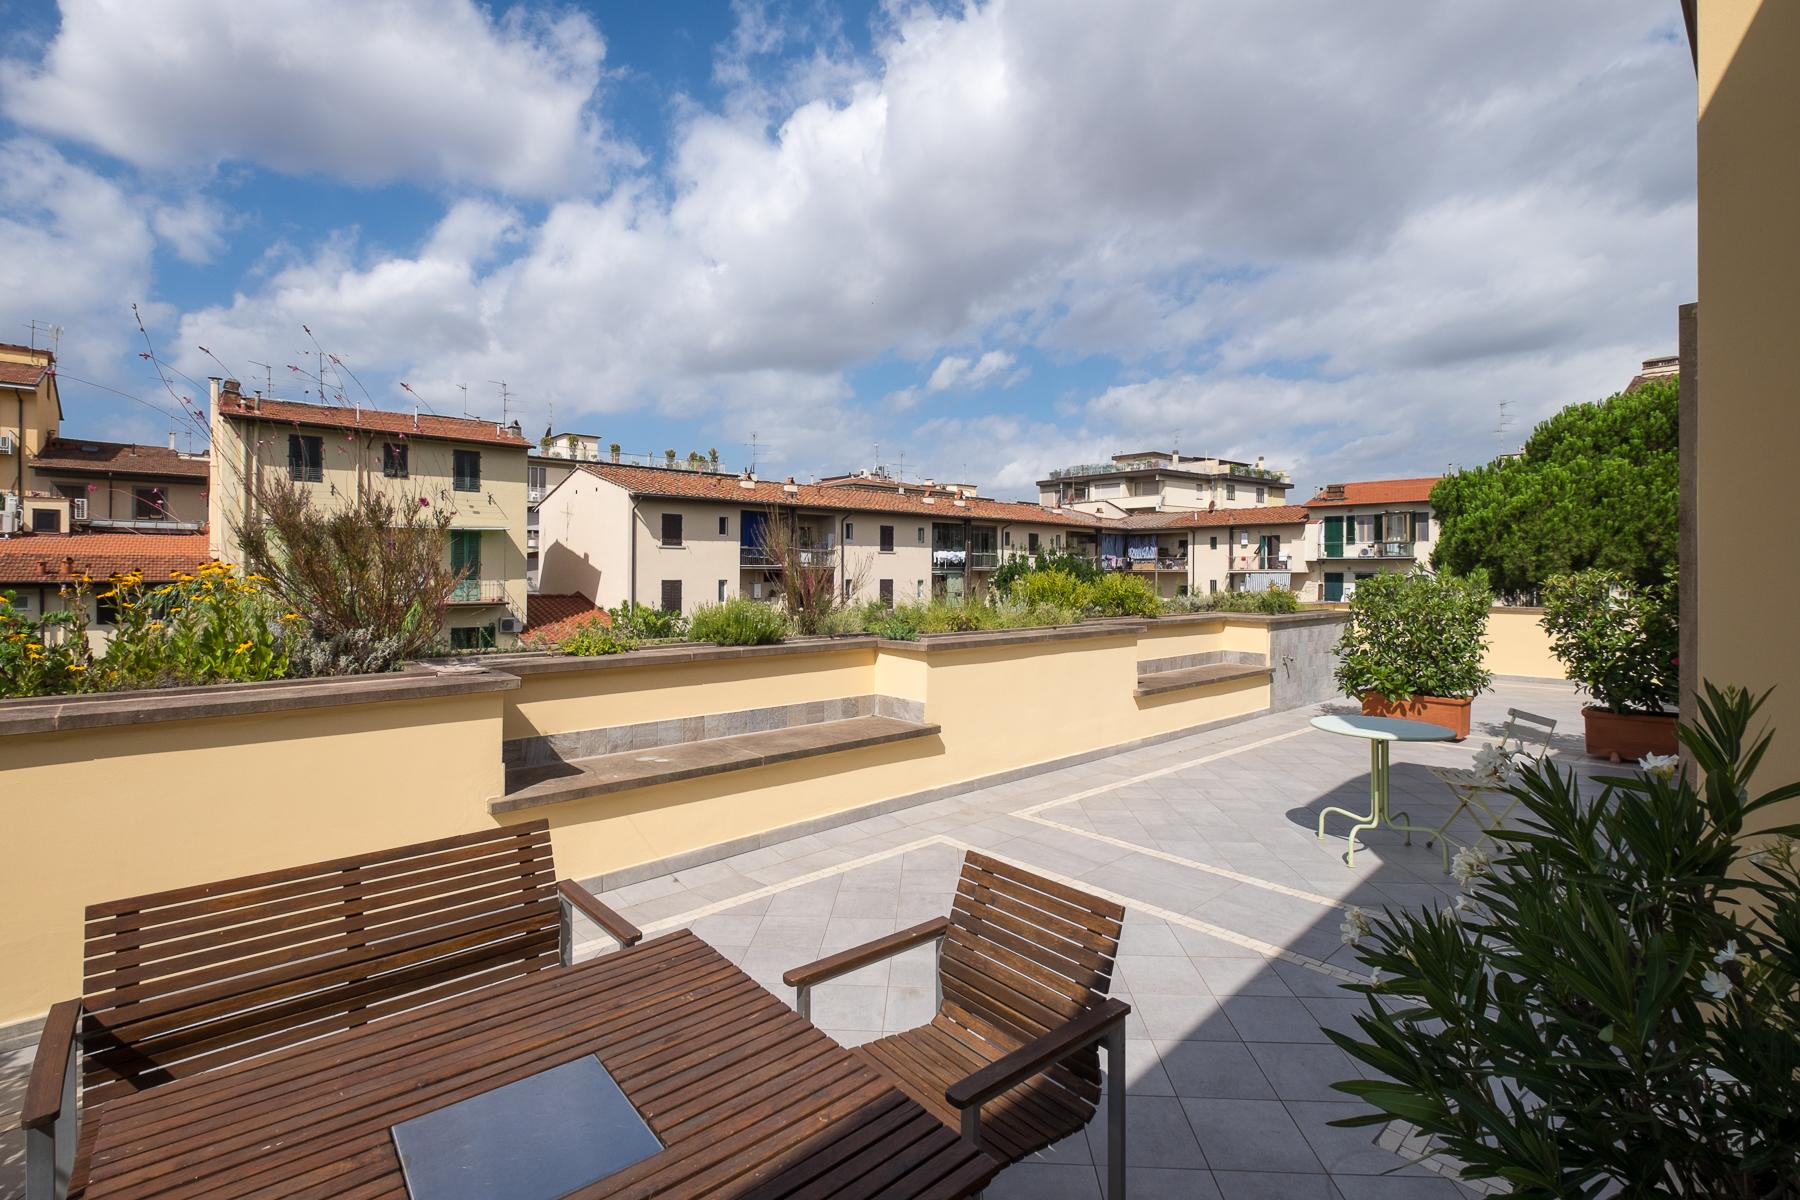 Casa indipendente in Vendita a Firenze: 5 locali, 790 mq - Foto 14